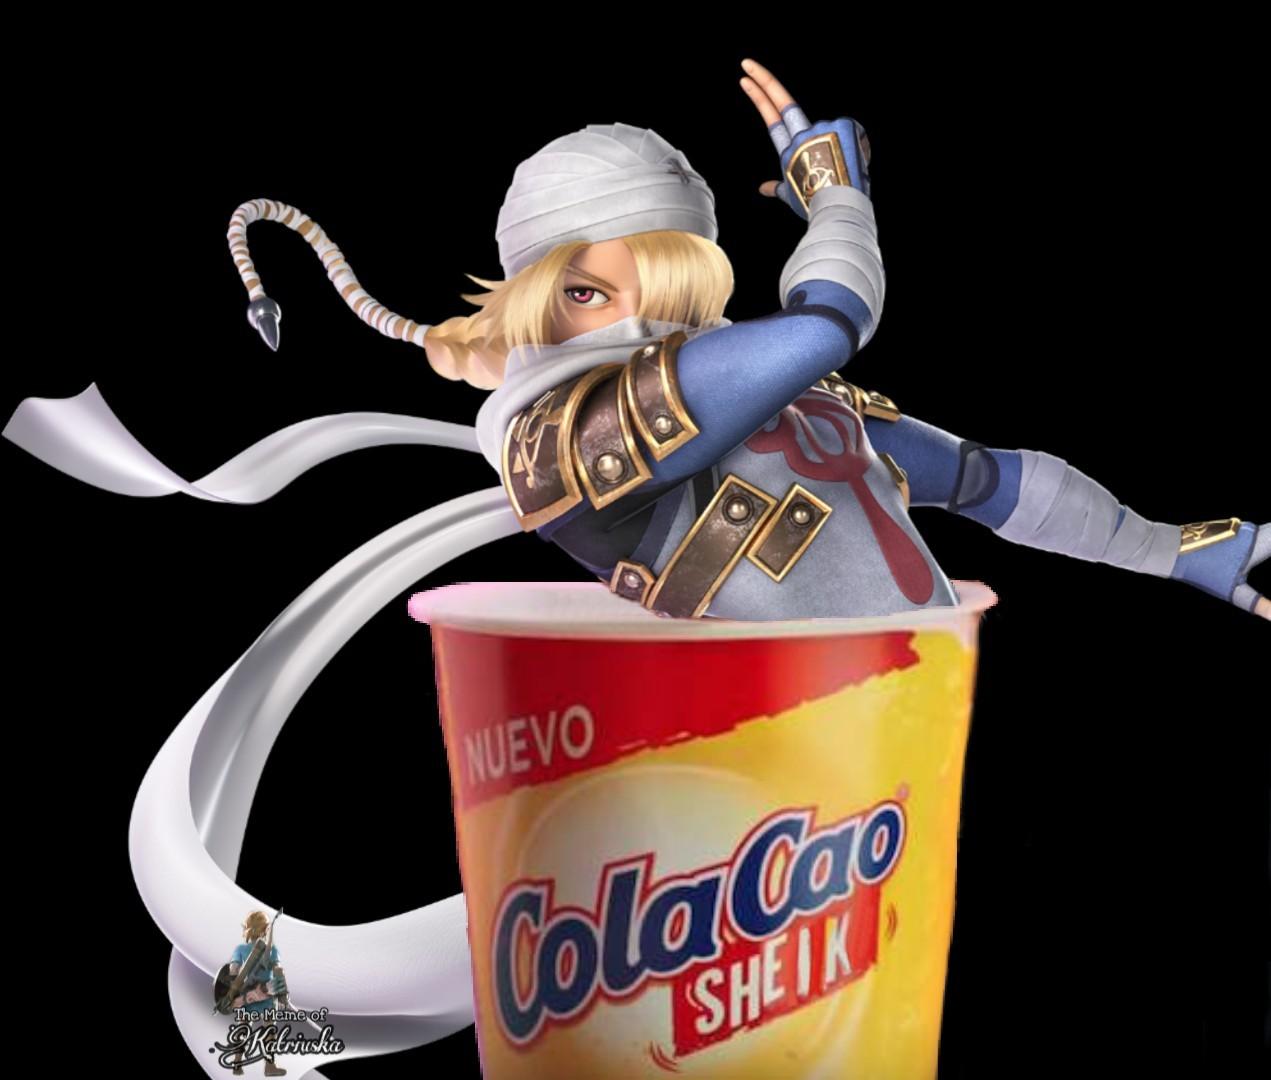 COLACAO SHAKE (SHEIK) - meme